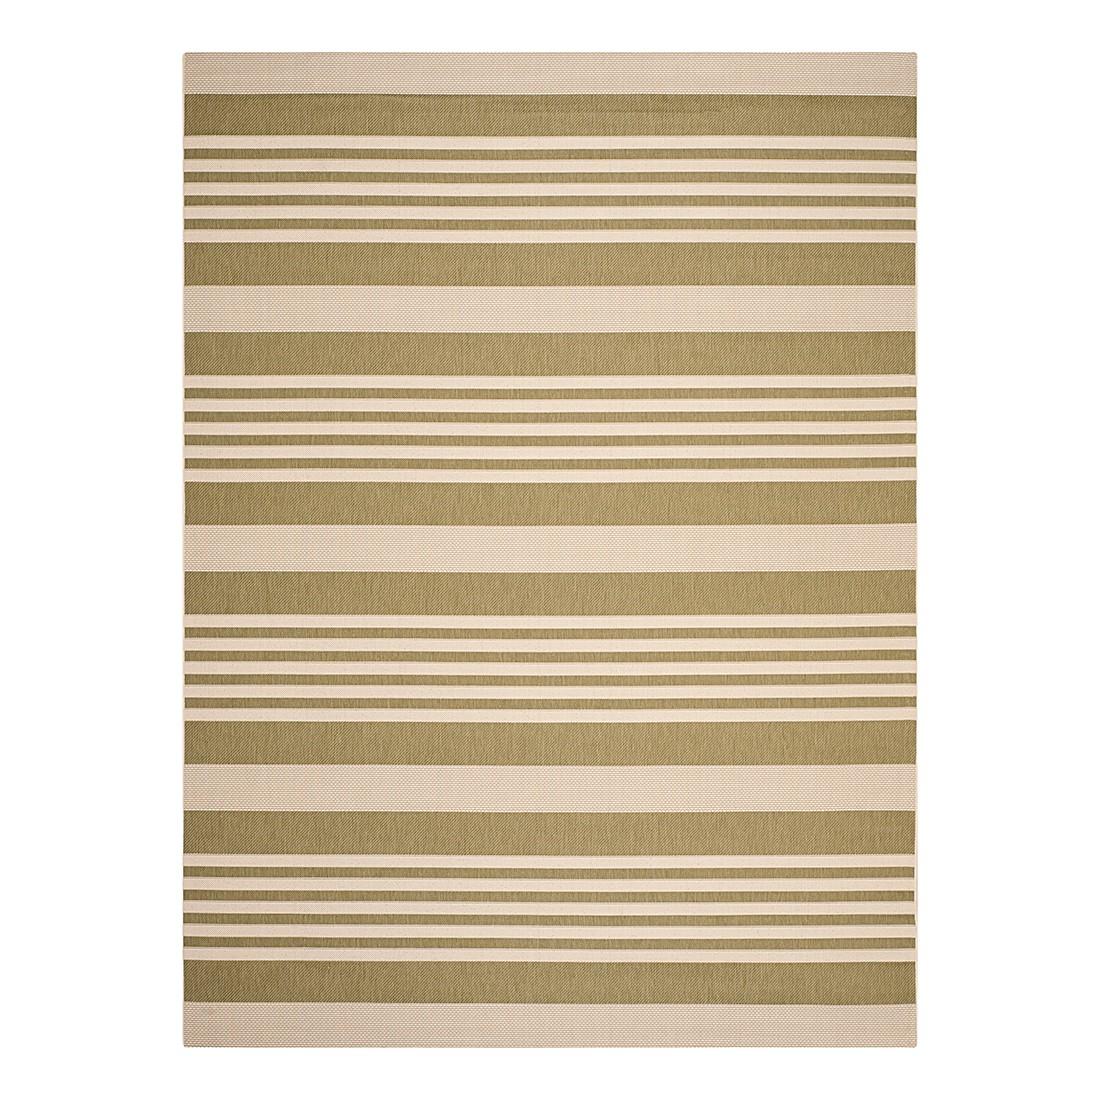 In-/Outdoorteppich Gemma – Grün/Beige – Maße: 200 x 289 cm, Safavieh jetzt bestellen